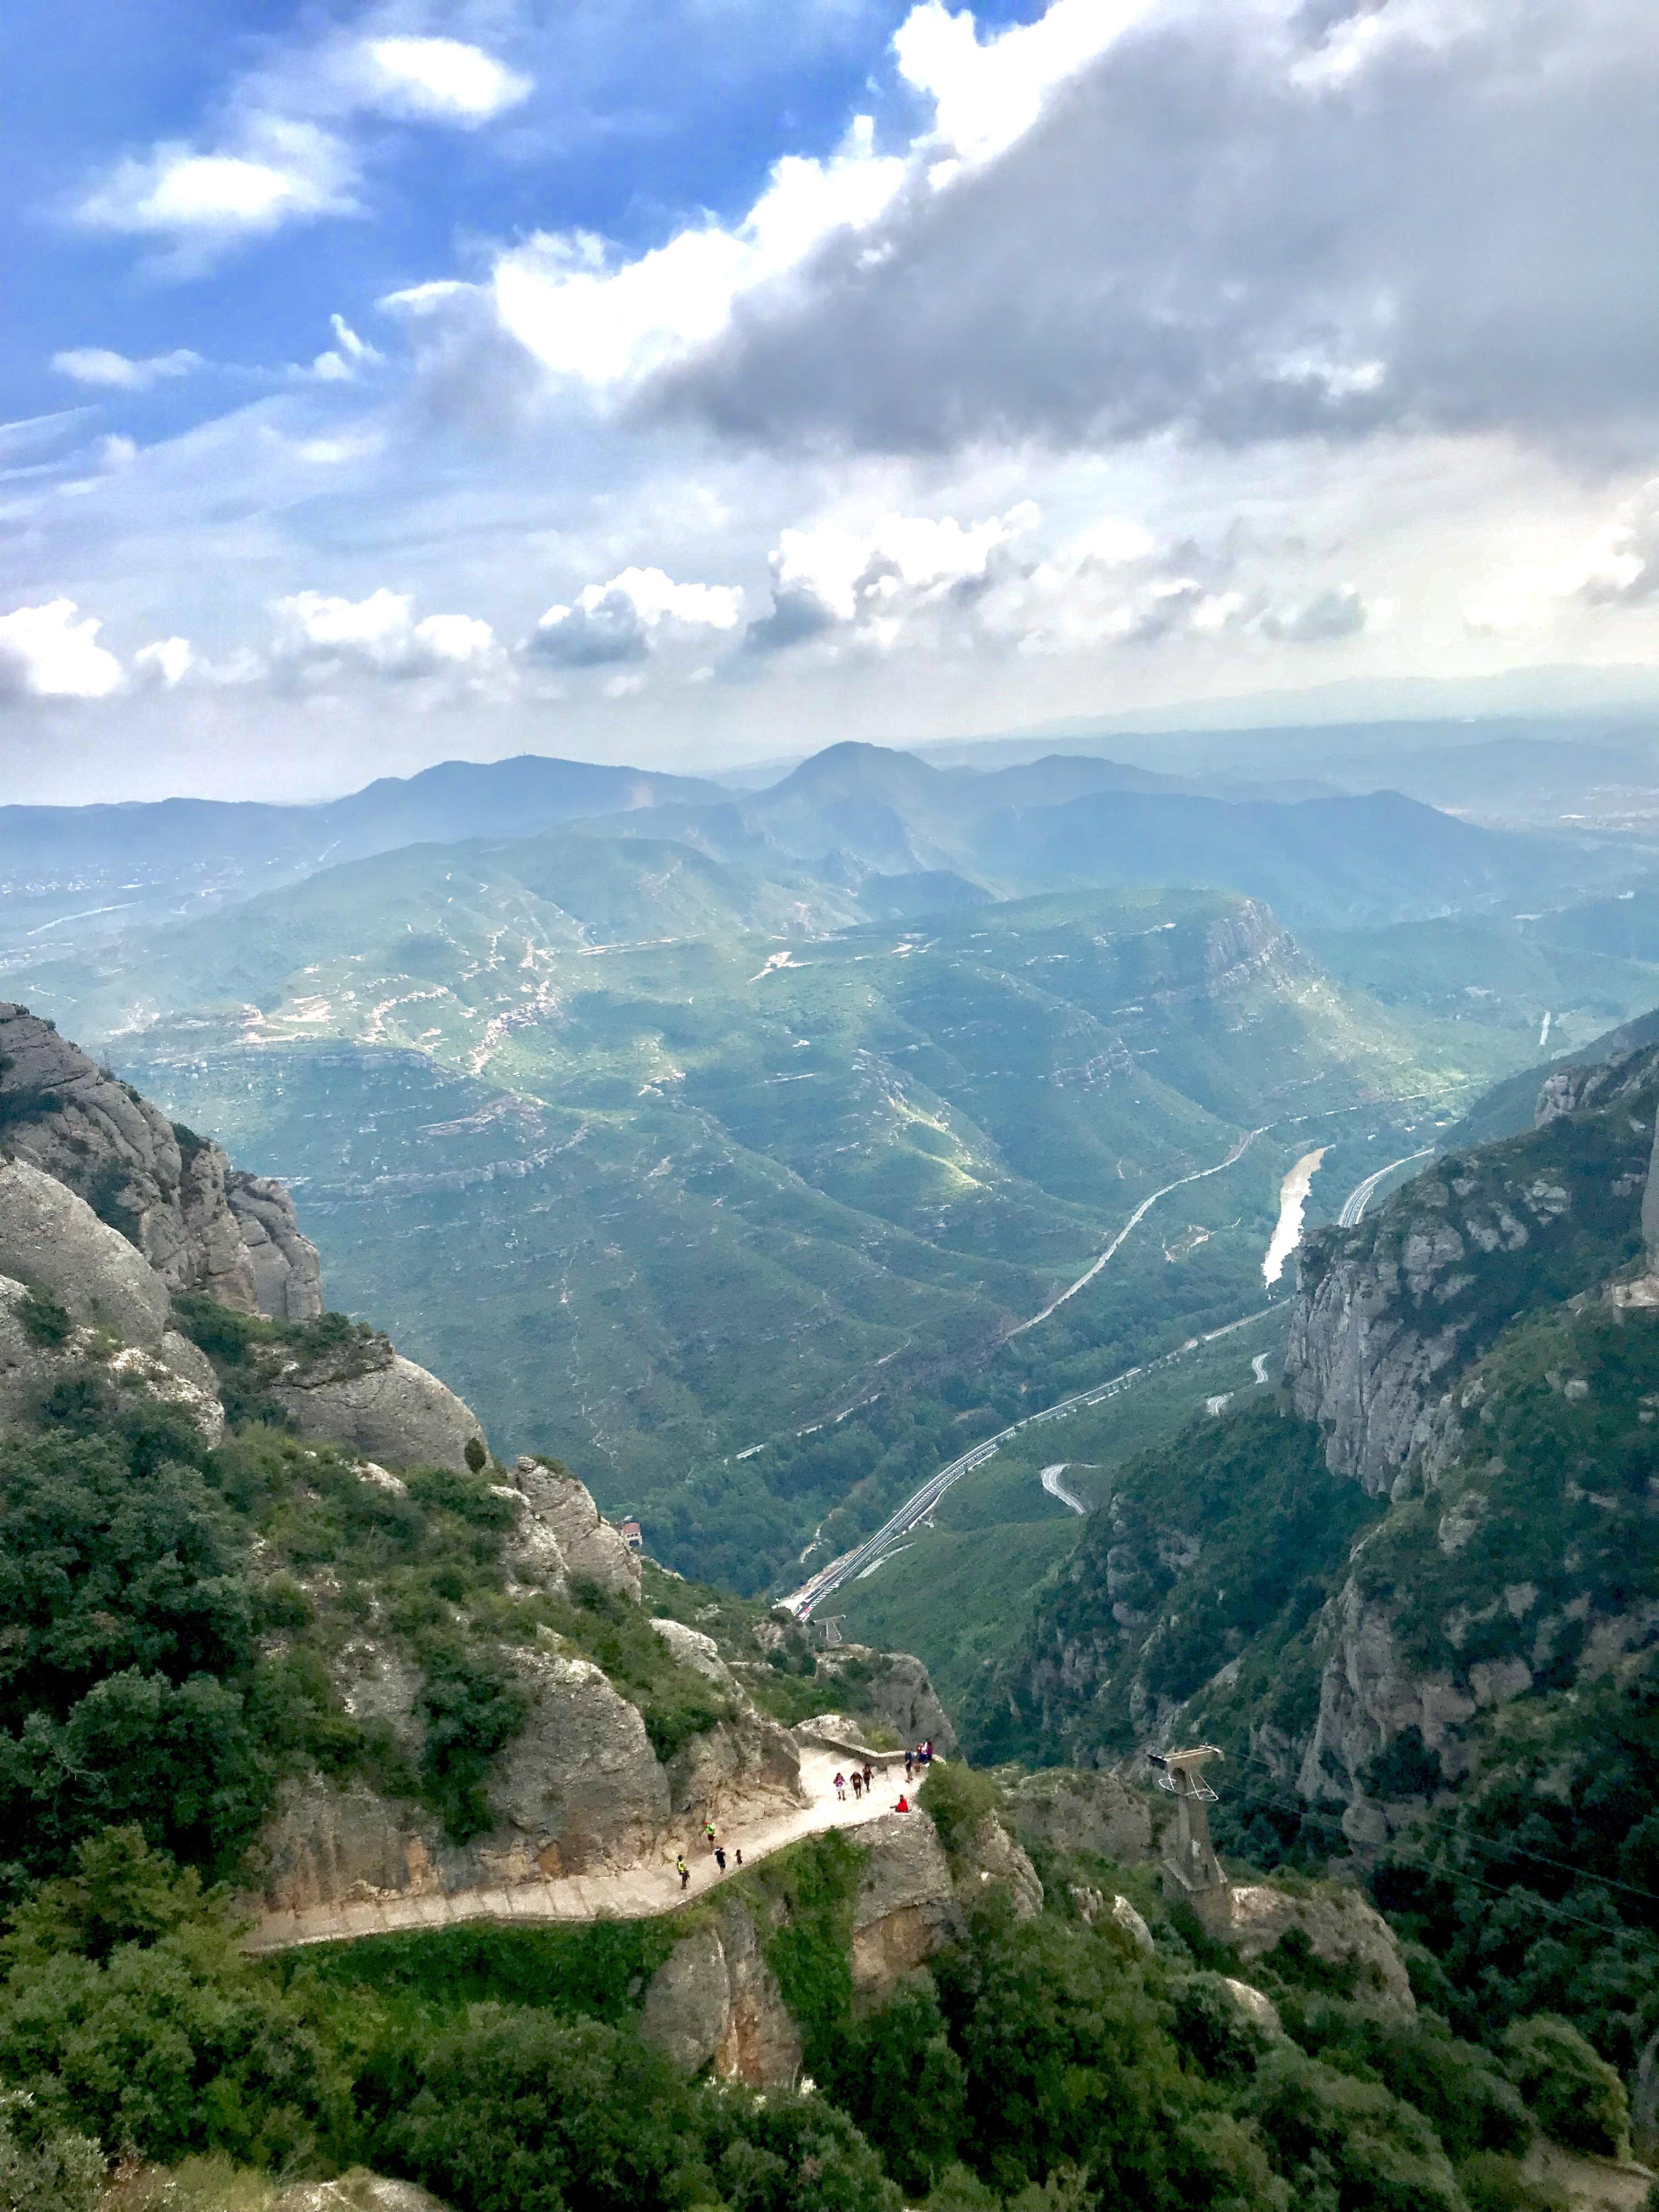 Barcelona Montserrat View 2 Belle in Transit